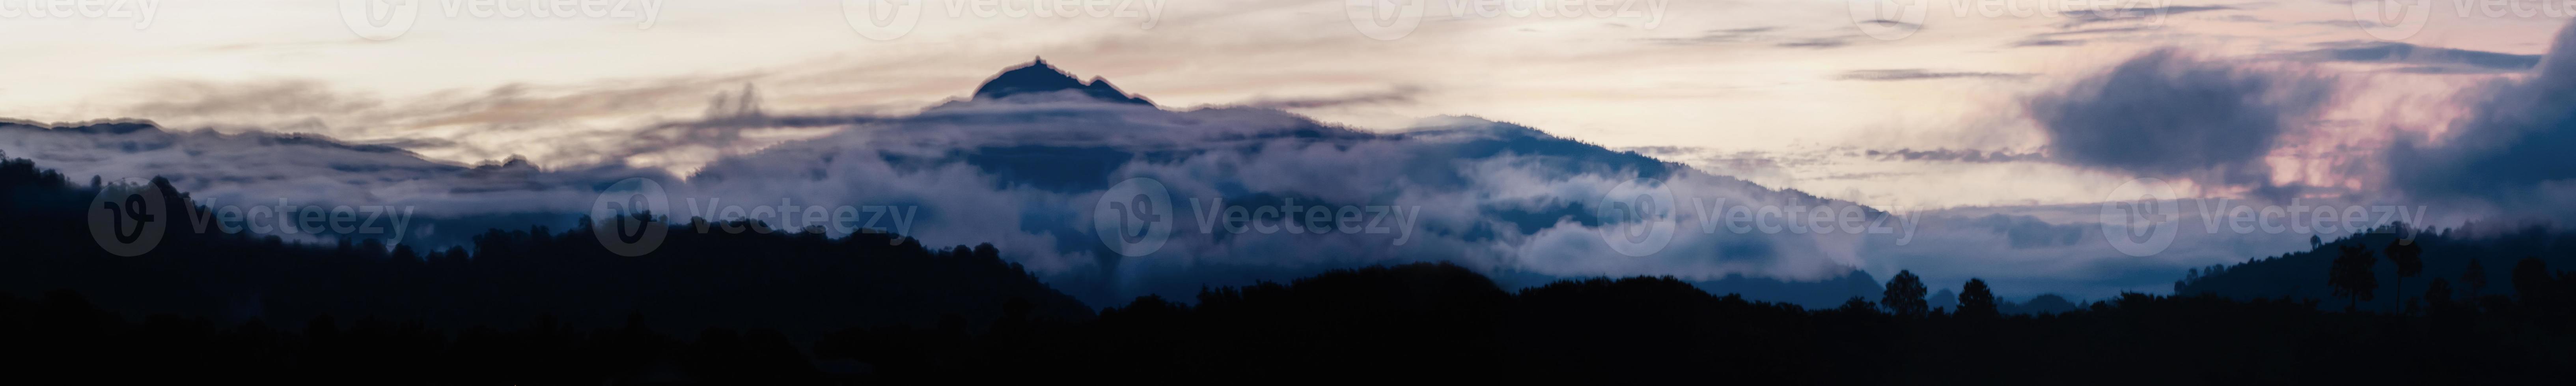 panorama de la montaña y el cielo i foto